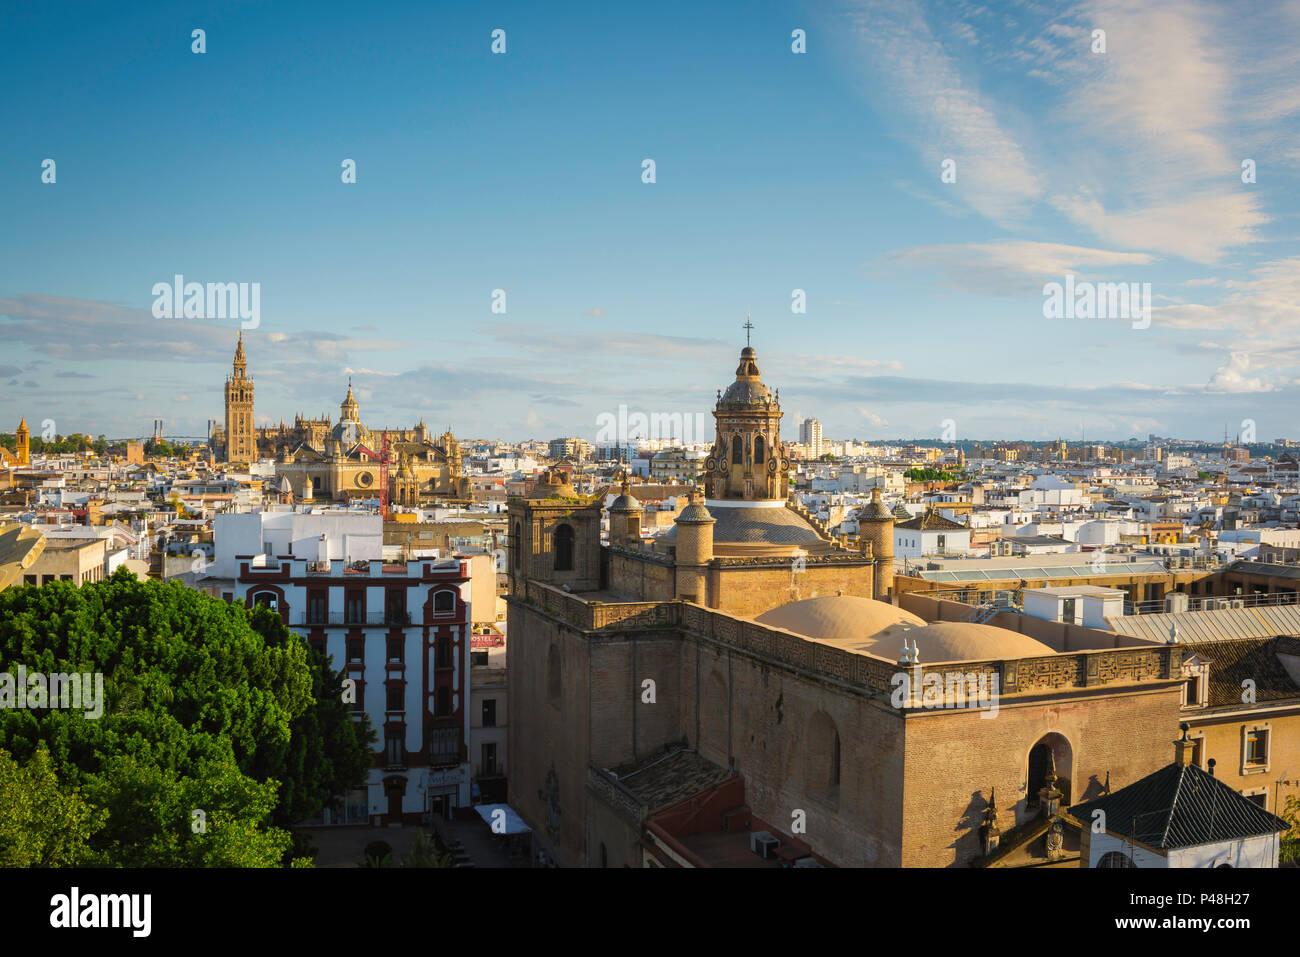 Séville Espagne cityscape, vue sur la vieille ville de Séville au coucher du soleil vers la cathédrale et la tour Giralda, Andalousie, espagne. Photo Stock